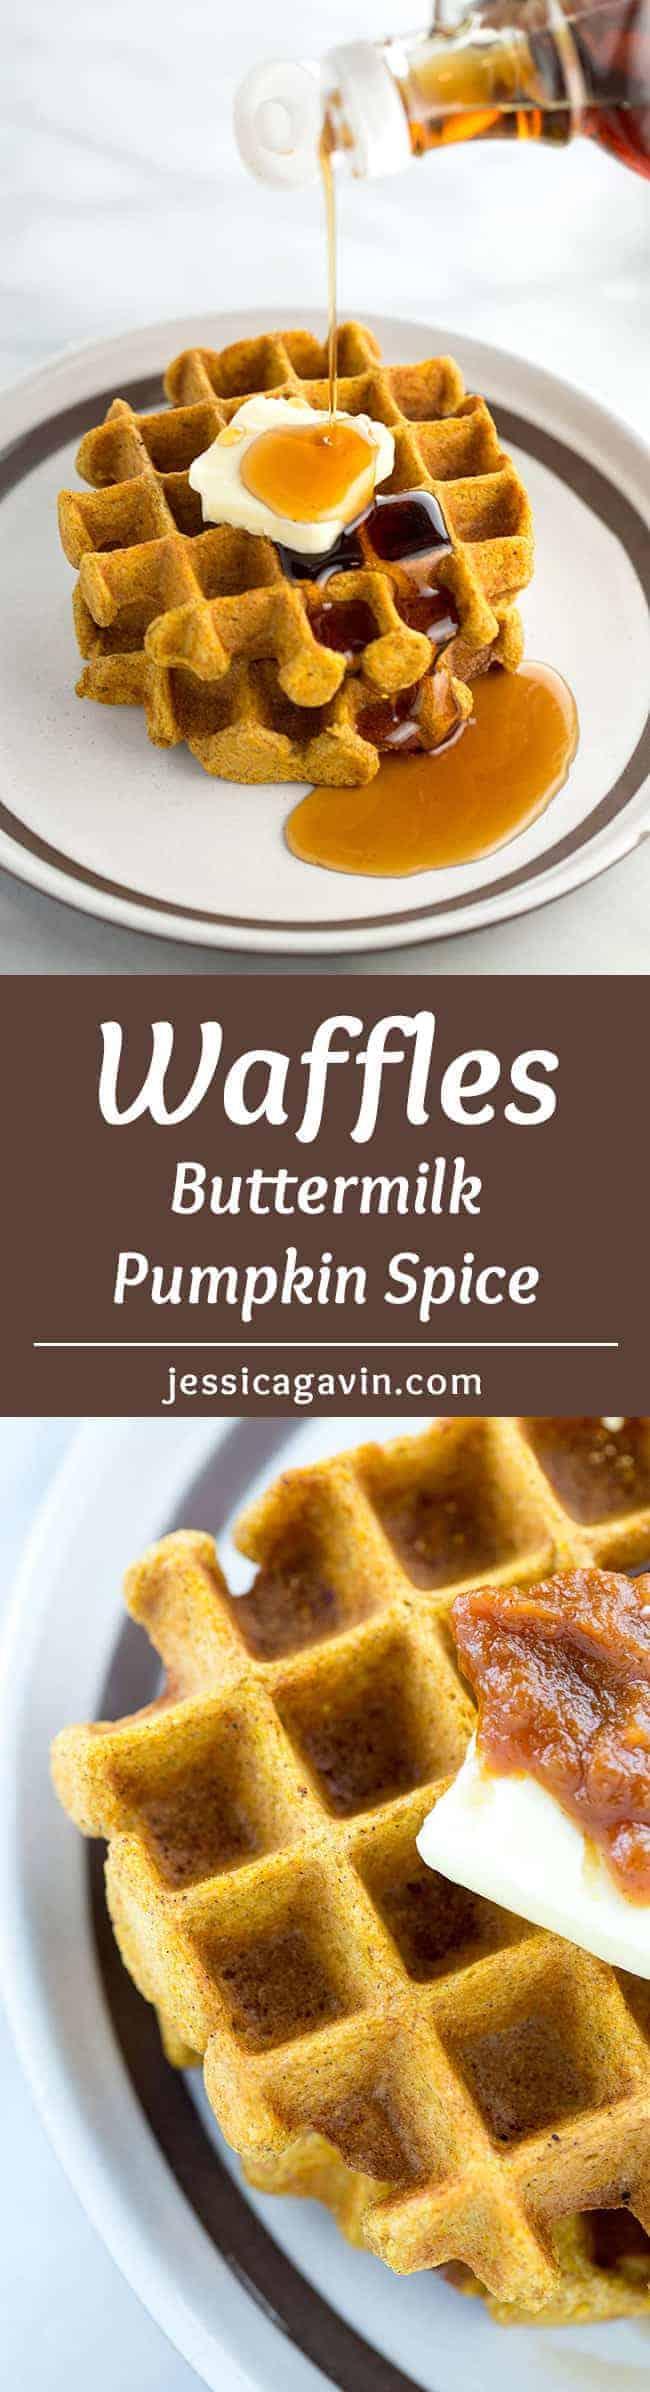 Buttermilk Pumpkin Spice Waffles with Pumpkin Butter ...